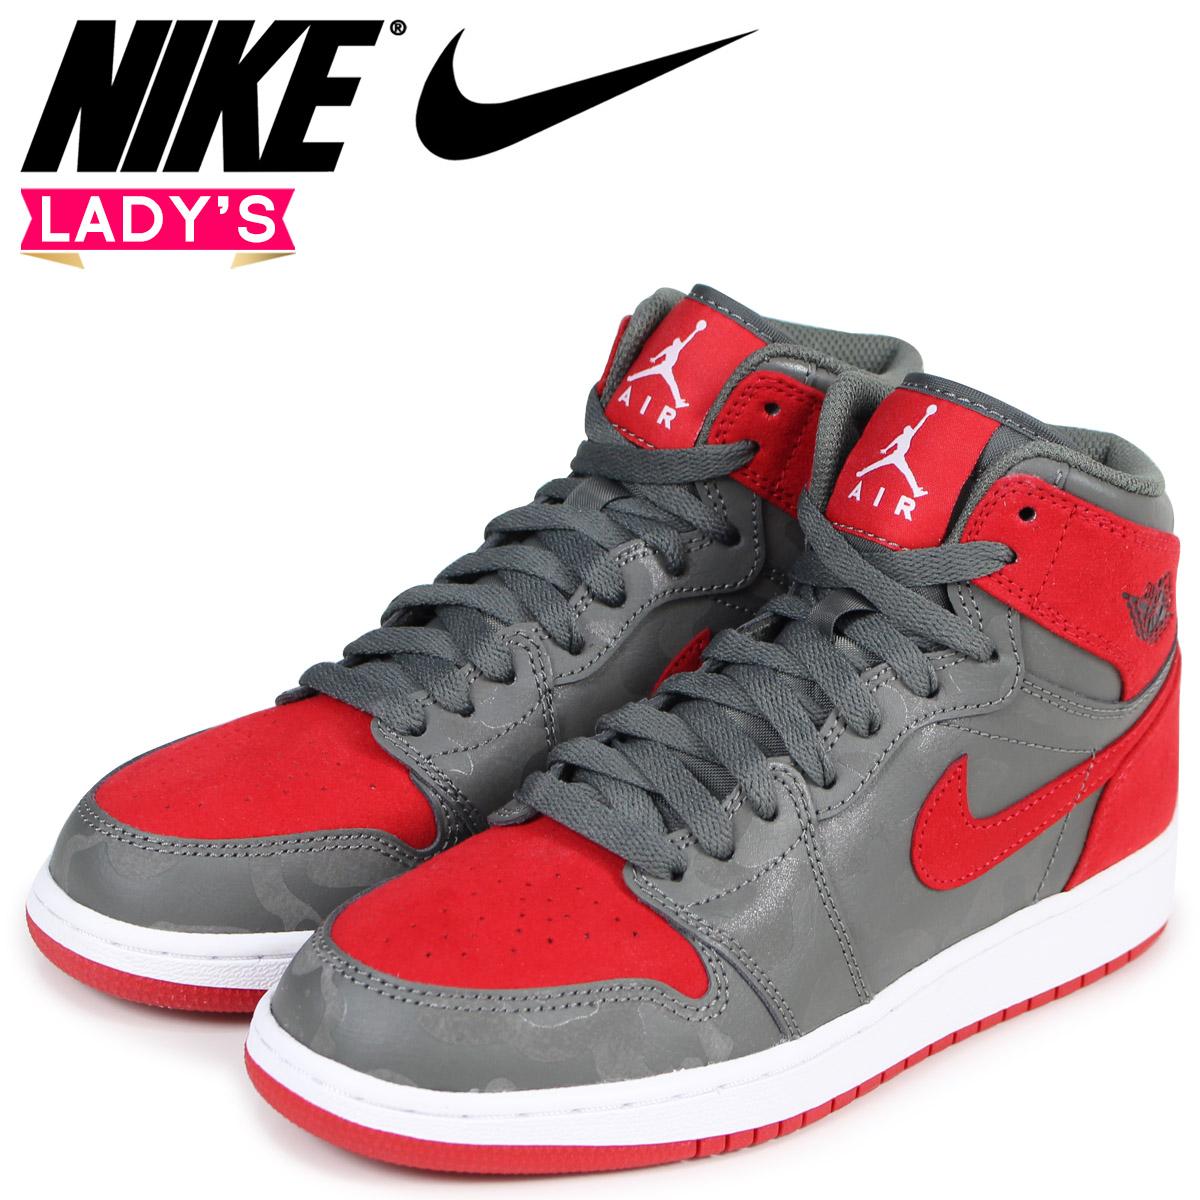 preview of speical offer later NIKE Nike Air Jordan 1 nostalgic lady's sneakers AIR JORDAN 1 RETRO HIGH  PREMIUM BG 822,858-032 gray